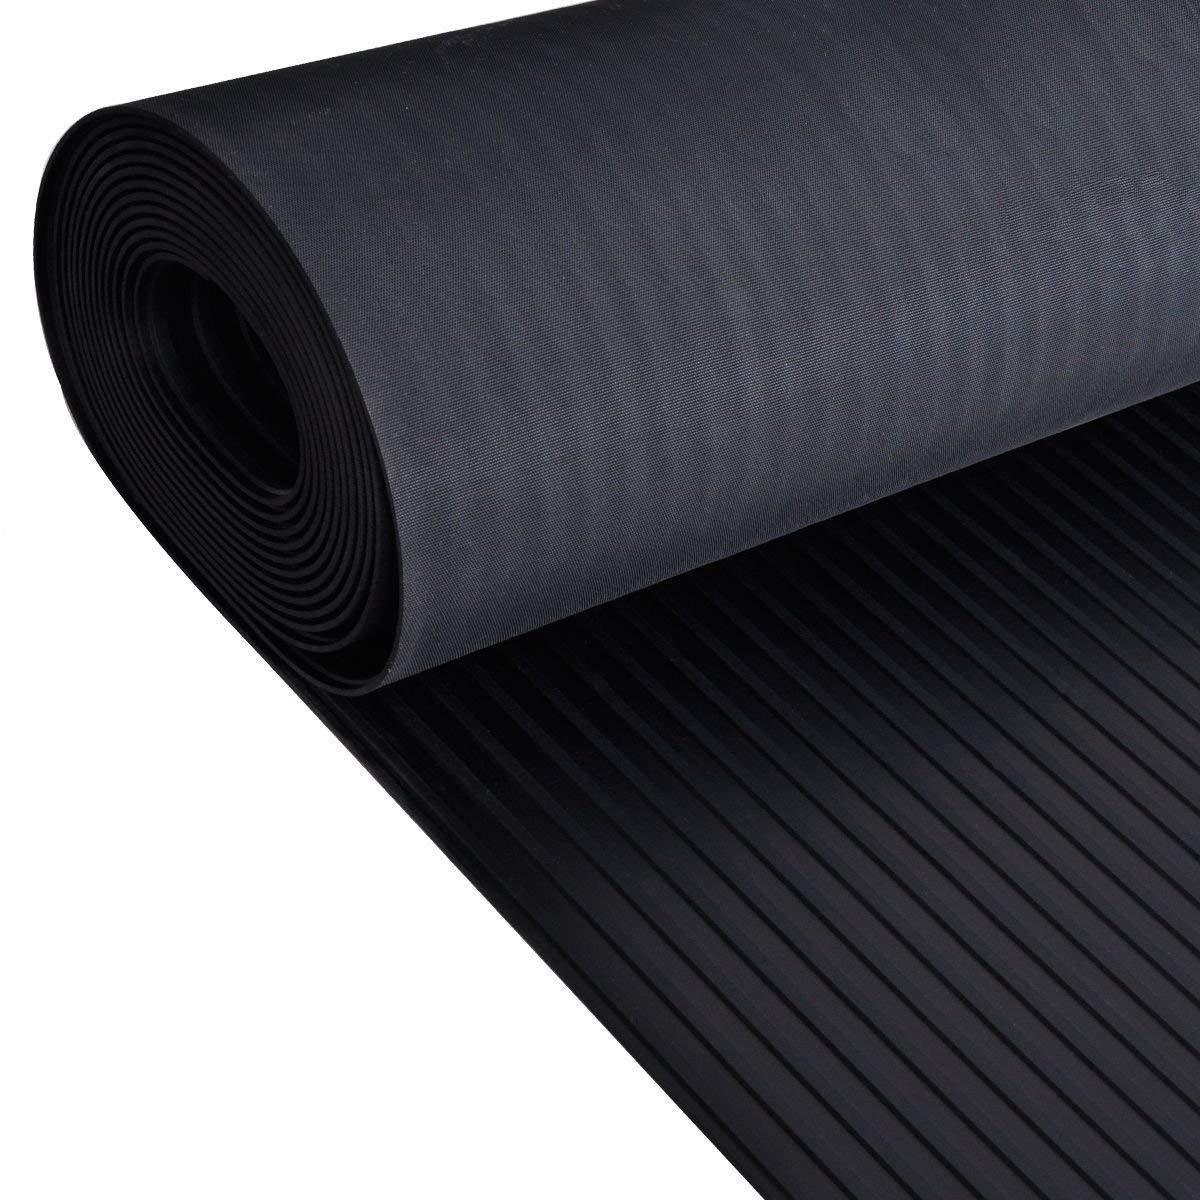 Rollo de piso ancho de goma acanalada | 4mm de espesor | 1.5m de ancho | 2m de largo | antideslizante | alfombrilla para suelos de seguridad para garaje, taller, gimnasio, estable, Parque etc Ark Rubber & Resin